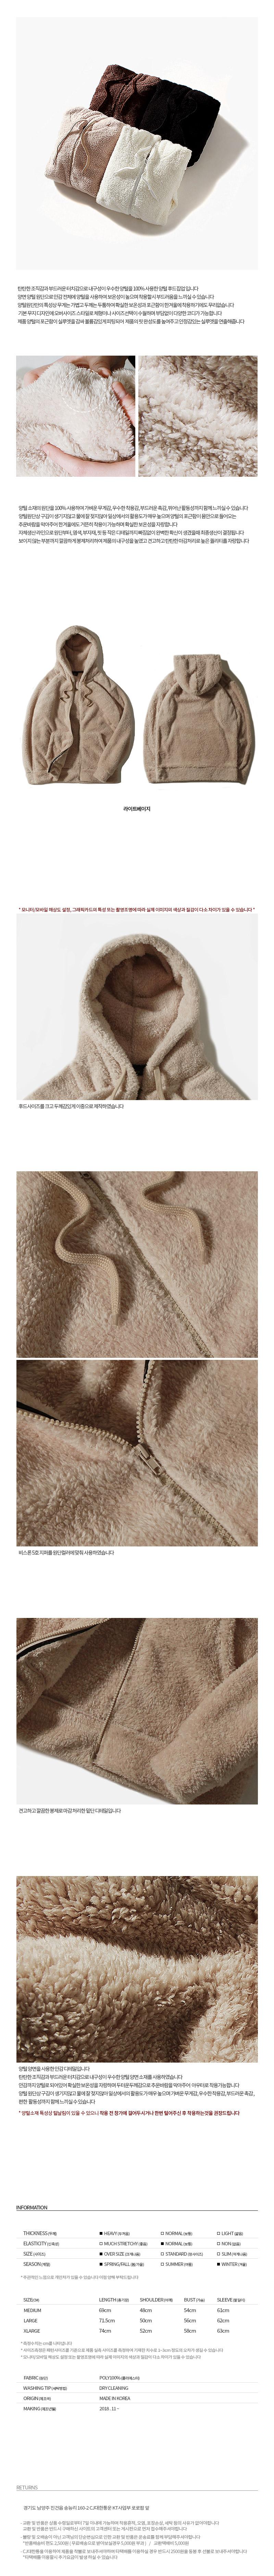 [로로팝] 양털후드집업 라이트베이지